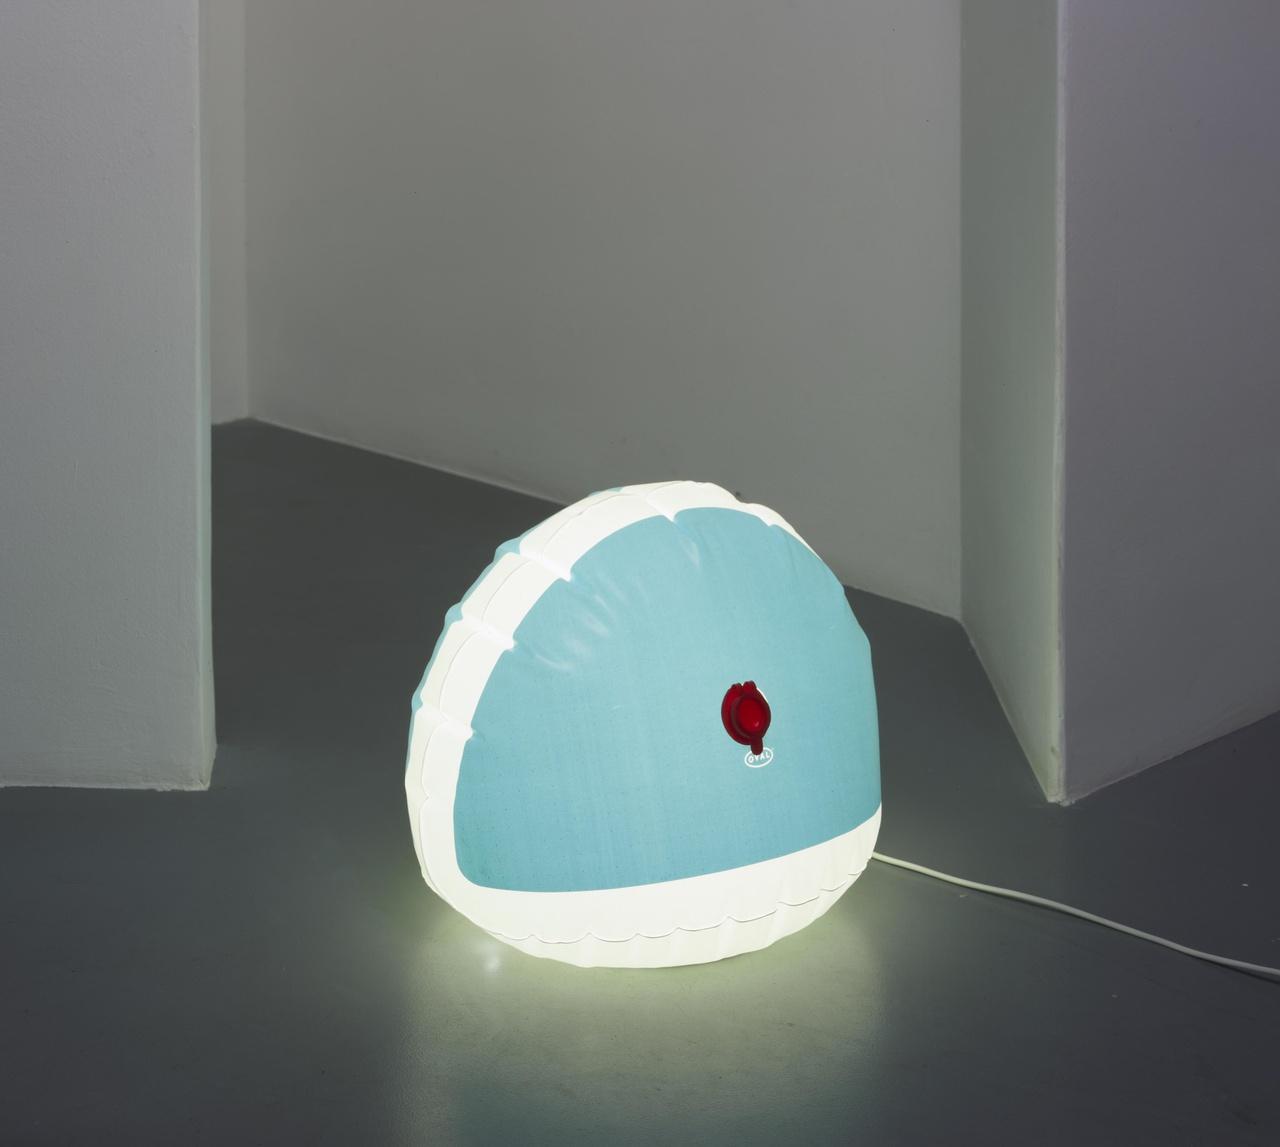 Opblaasbare vloerlamp 'Rosie' (prototype)